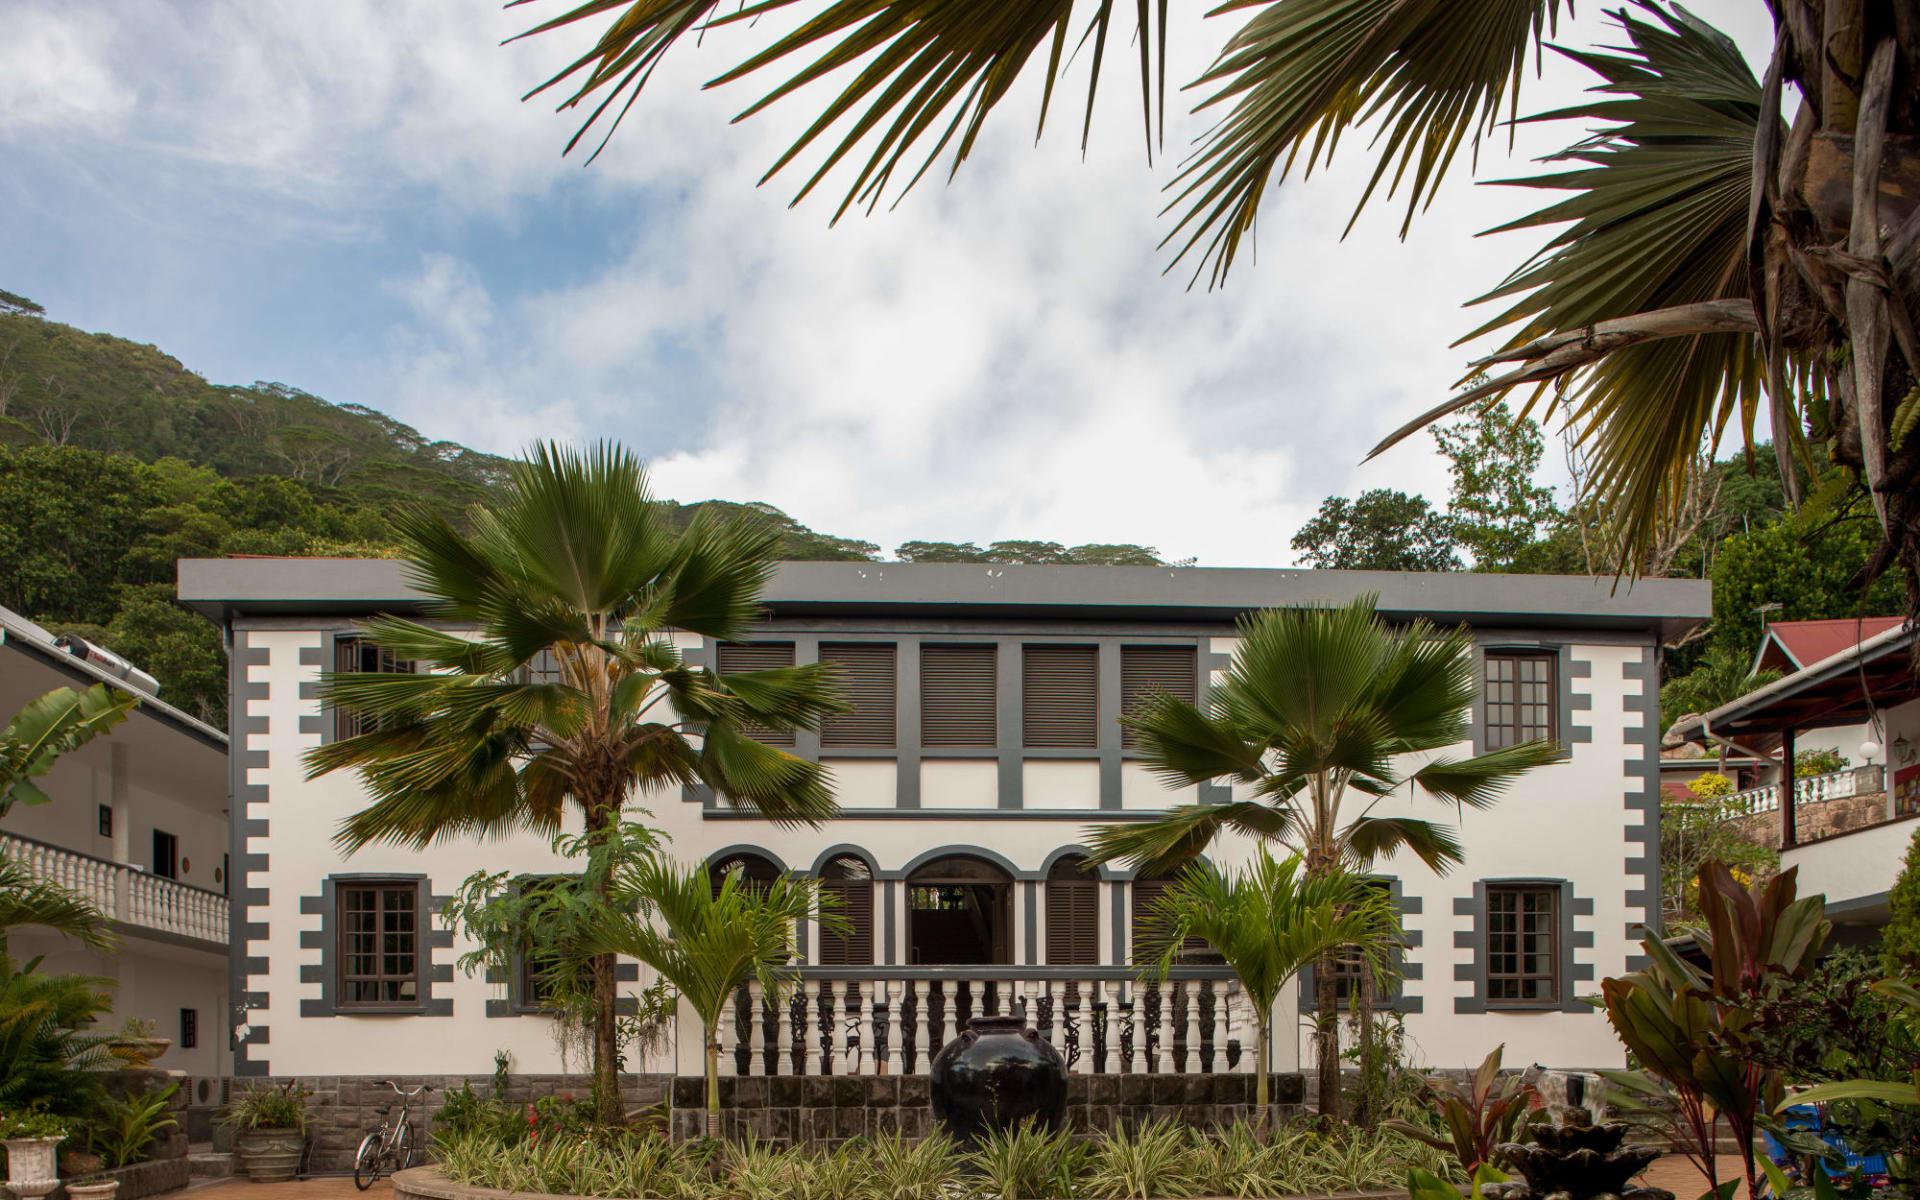 Chateau St. Cloud in La Digue: